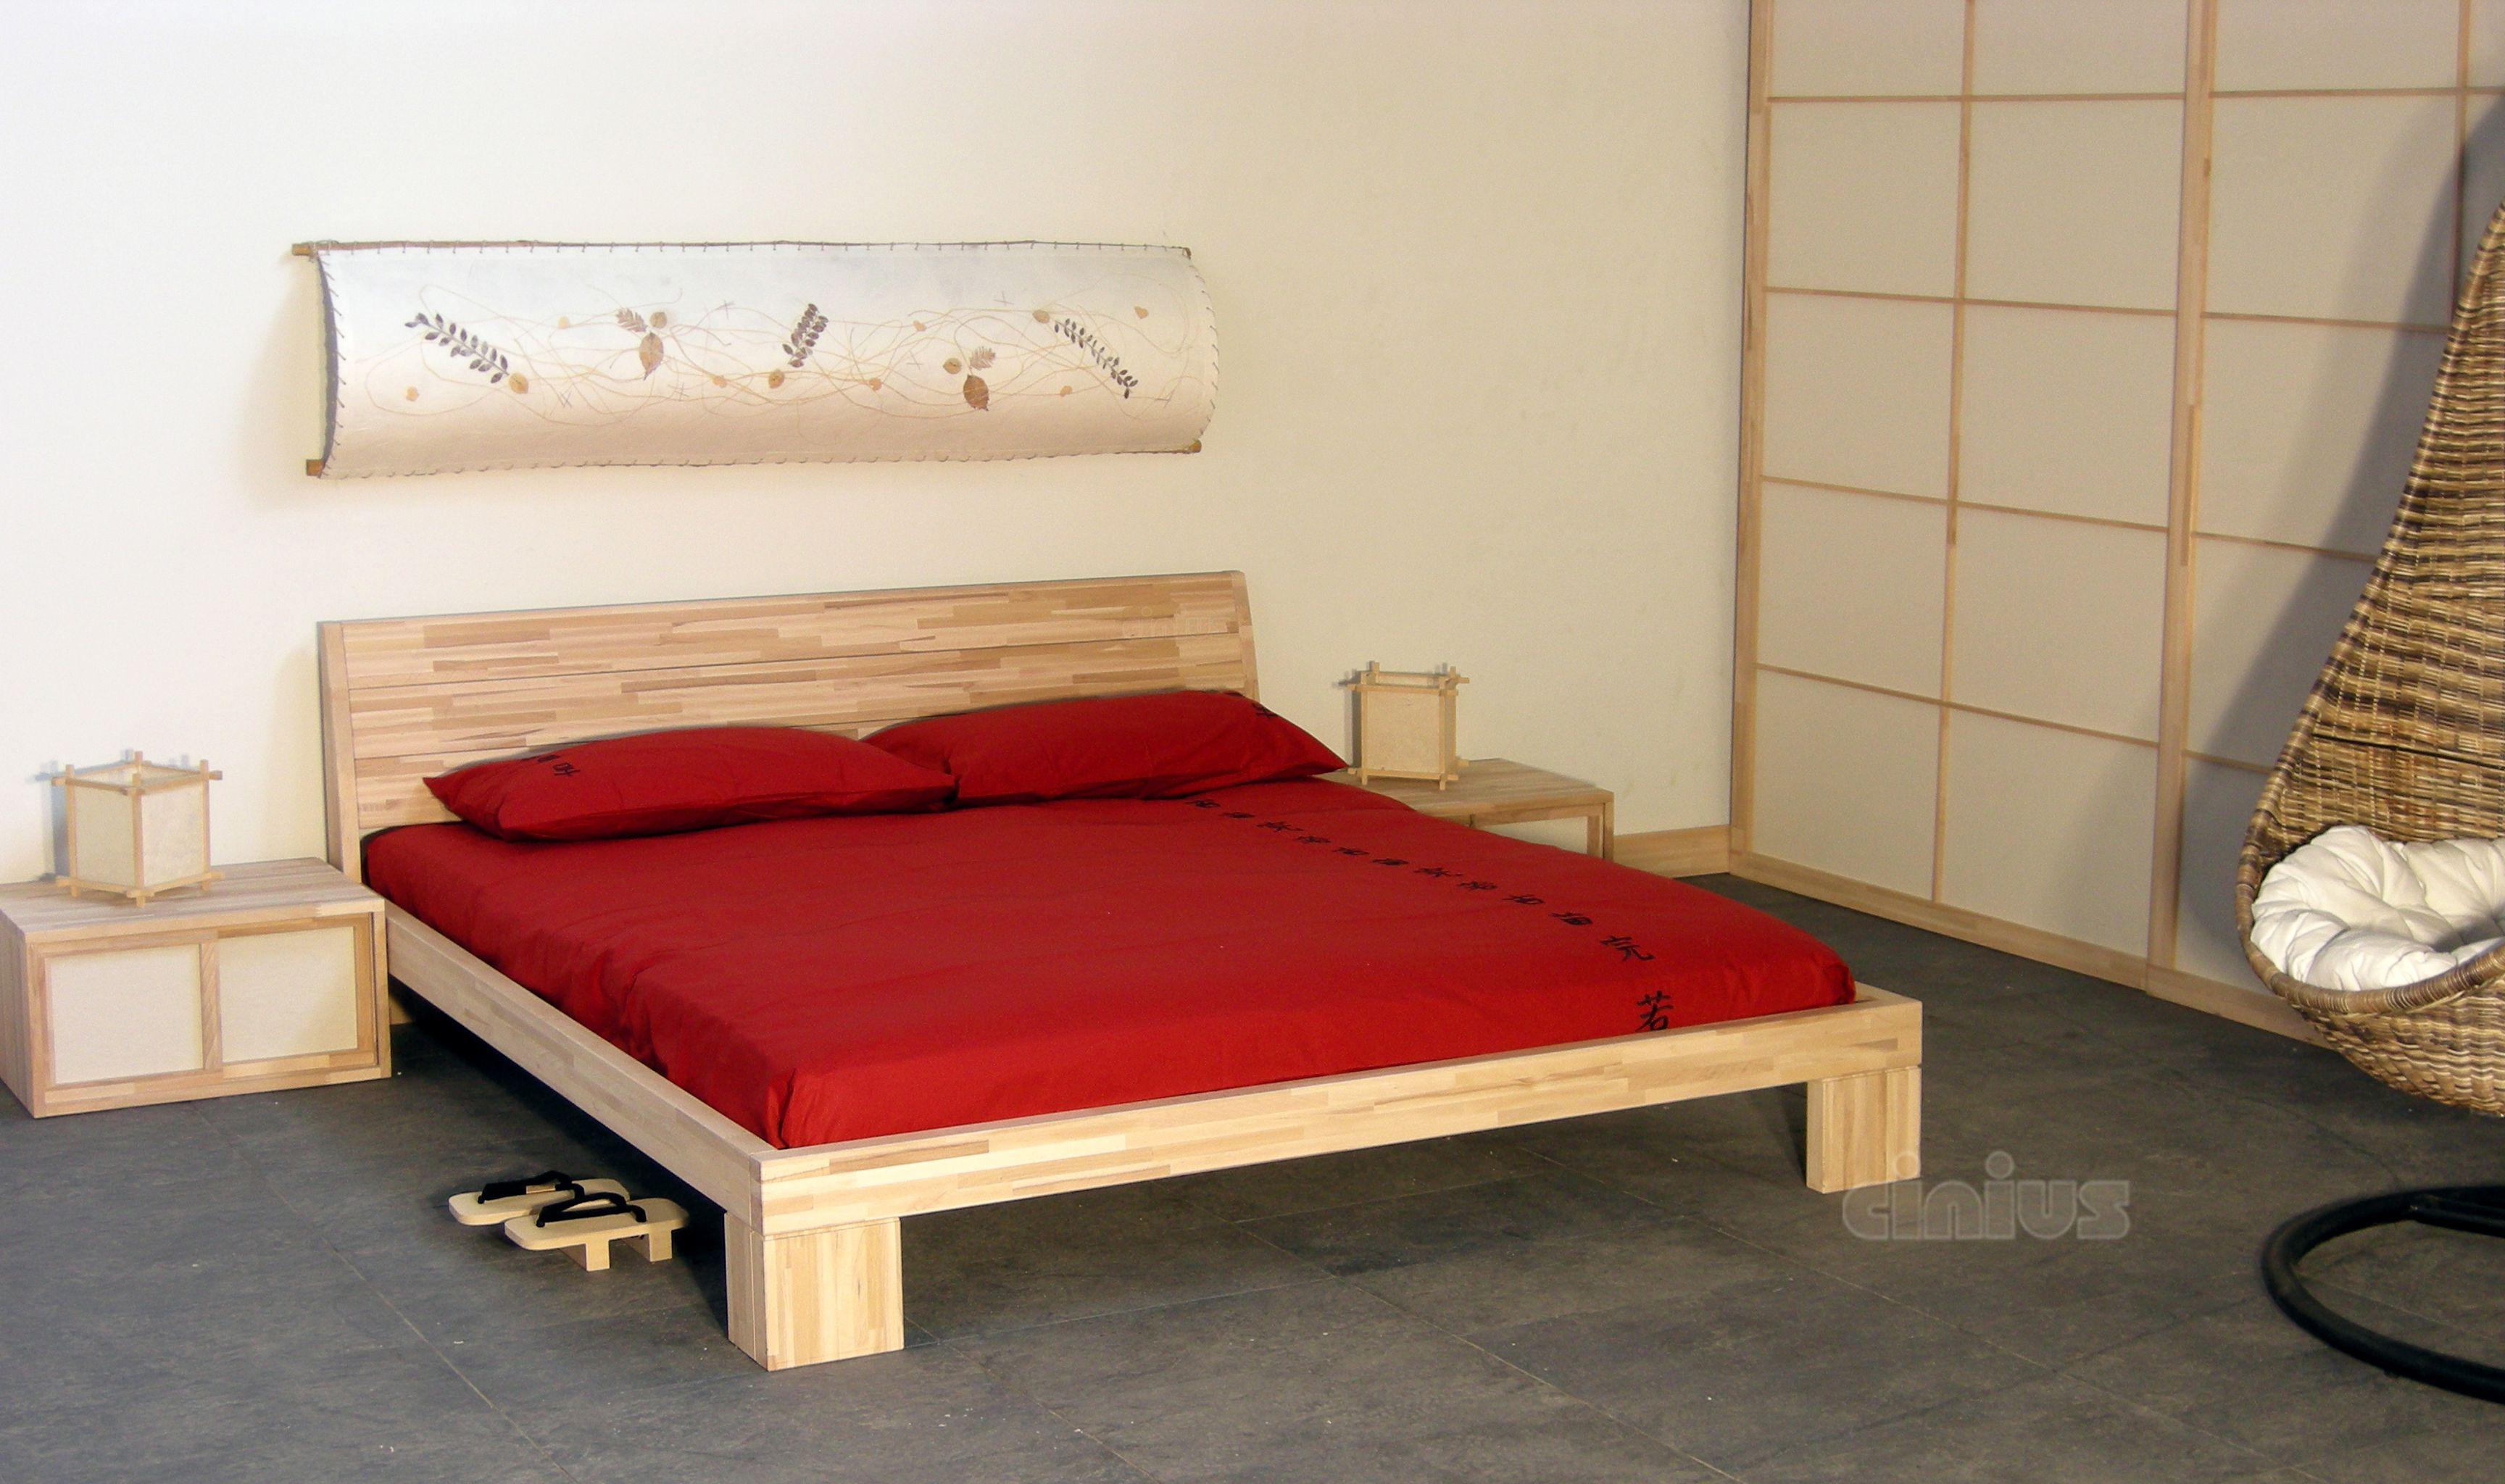 Strutture Letto In Legno Massello : Stile francese mobili imbottiti camera da letto struttura in legno